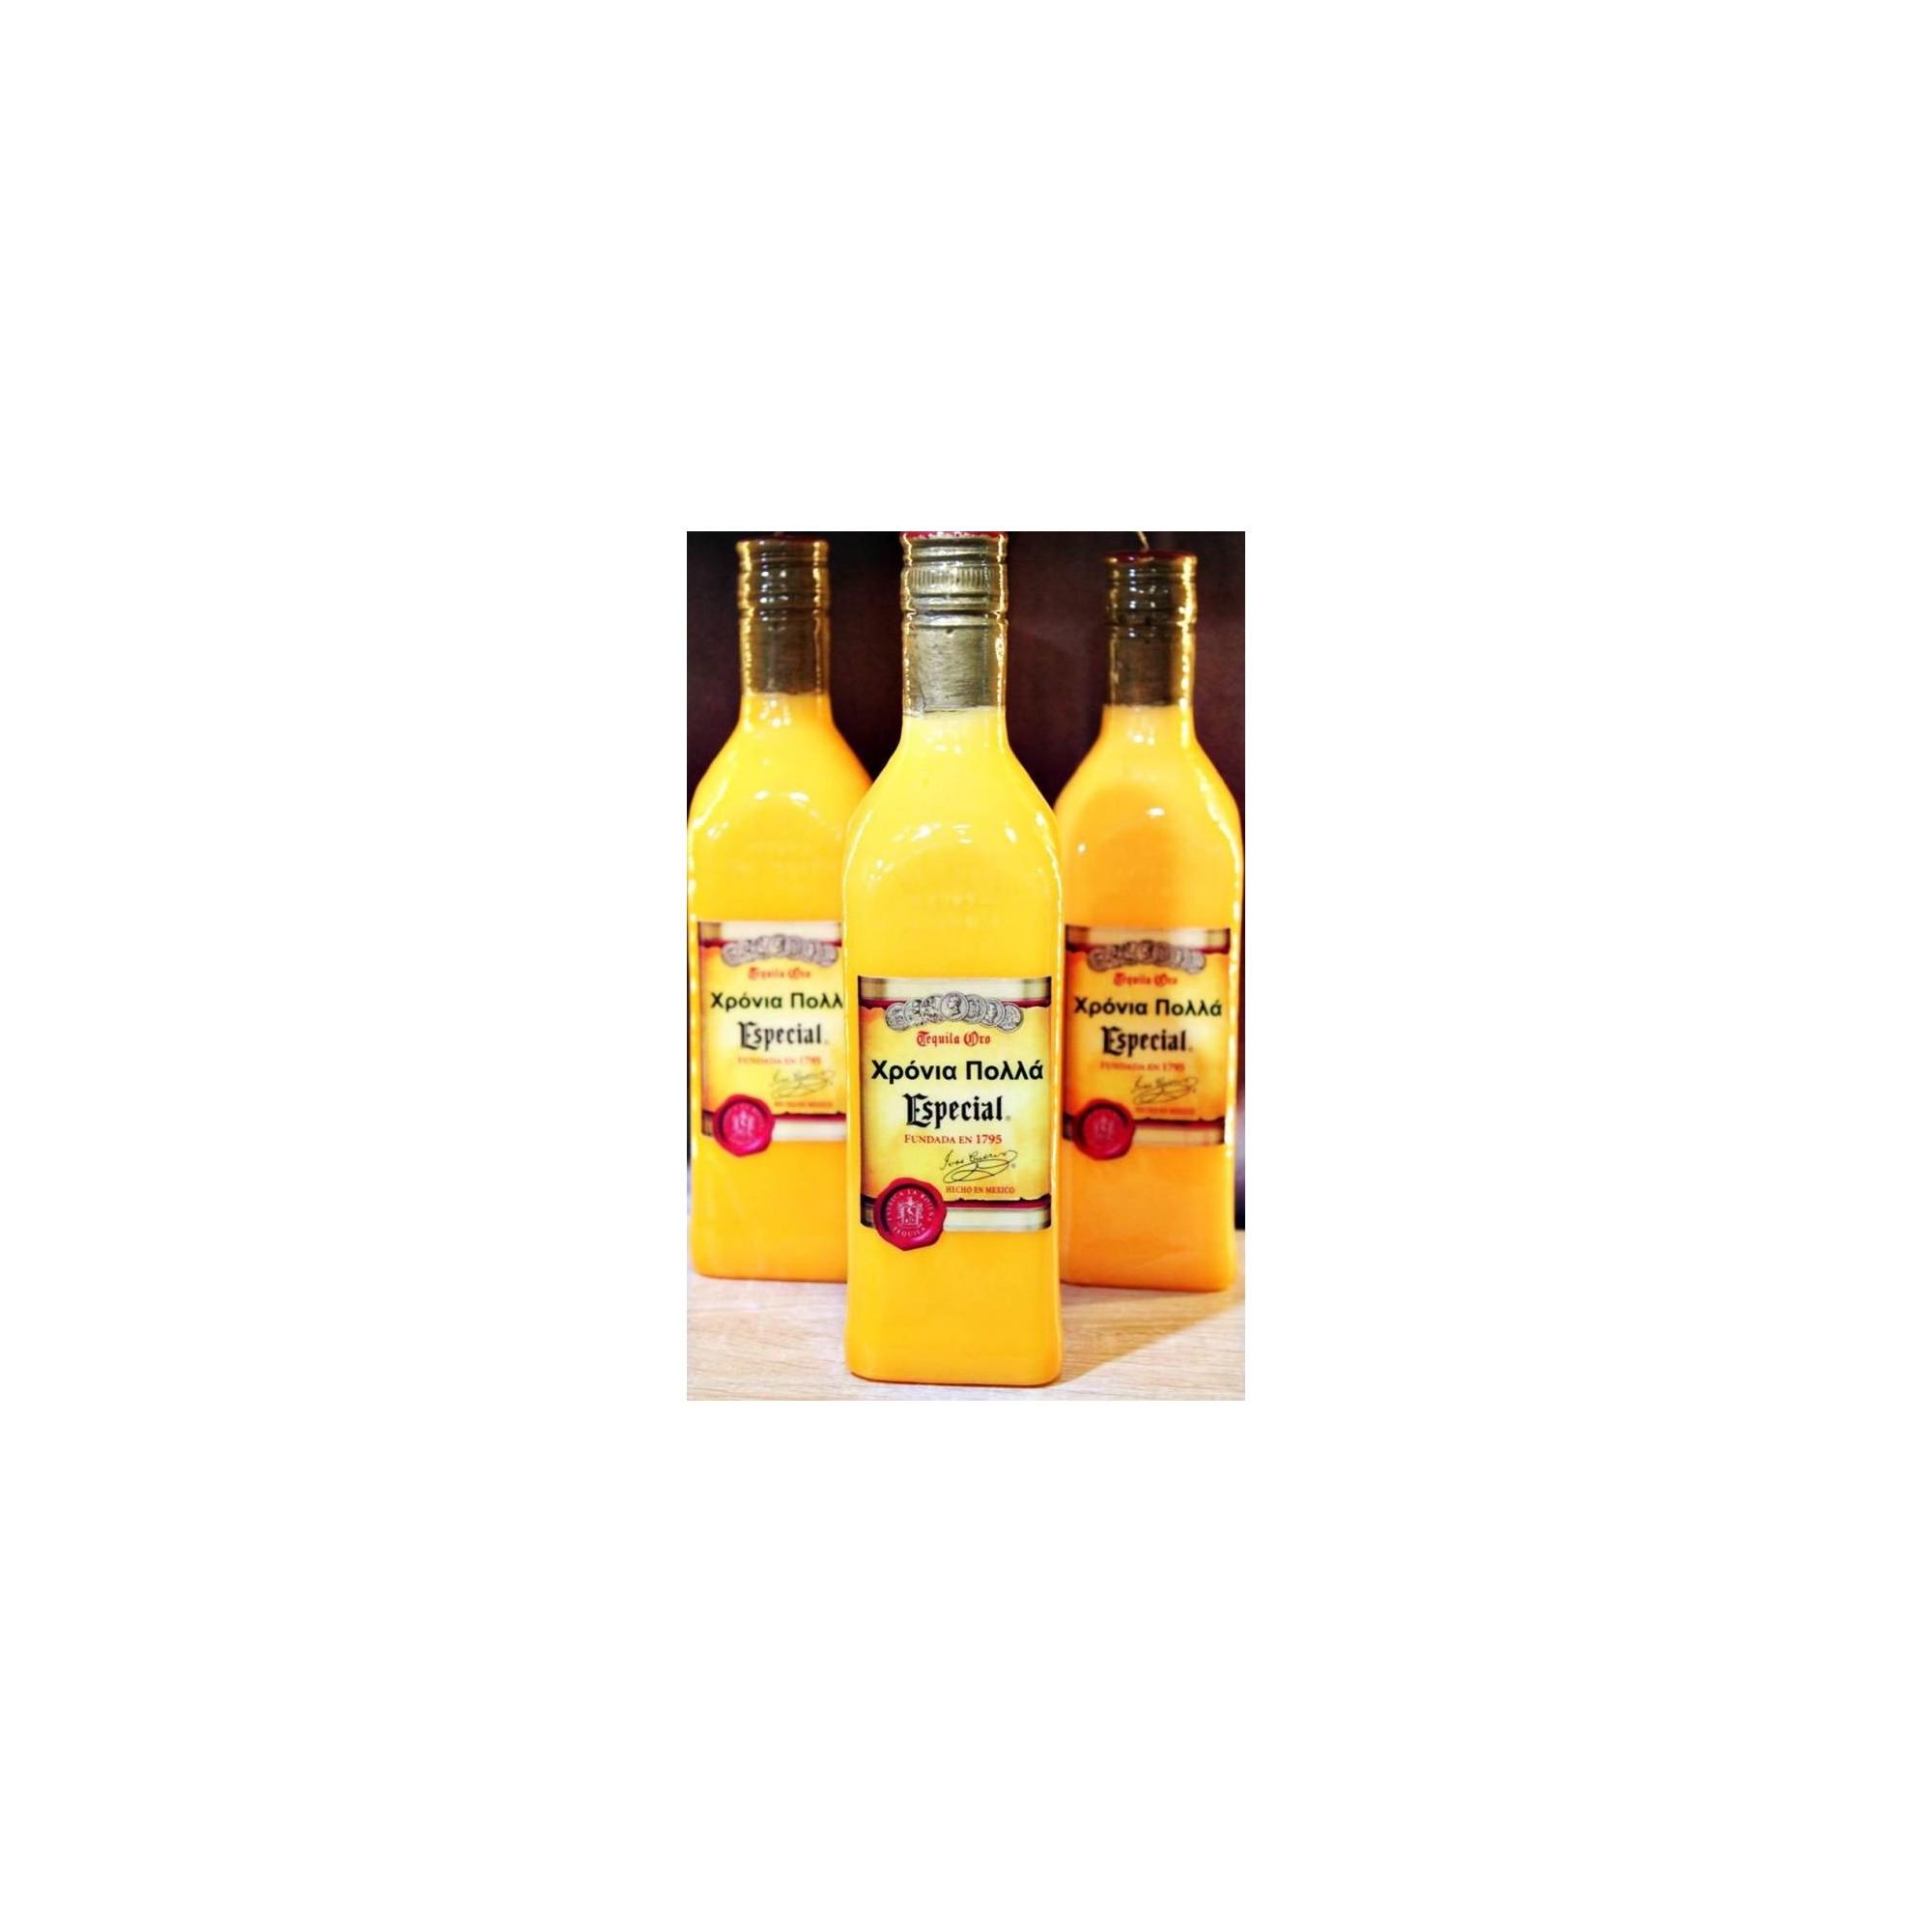 Λαμπάδα μπουκάλι τεκίλα - G1555